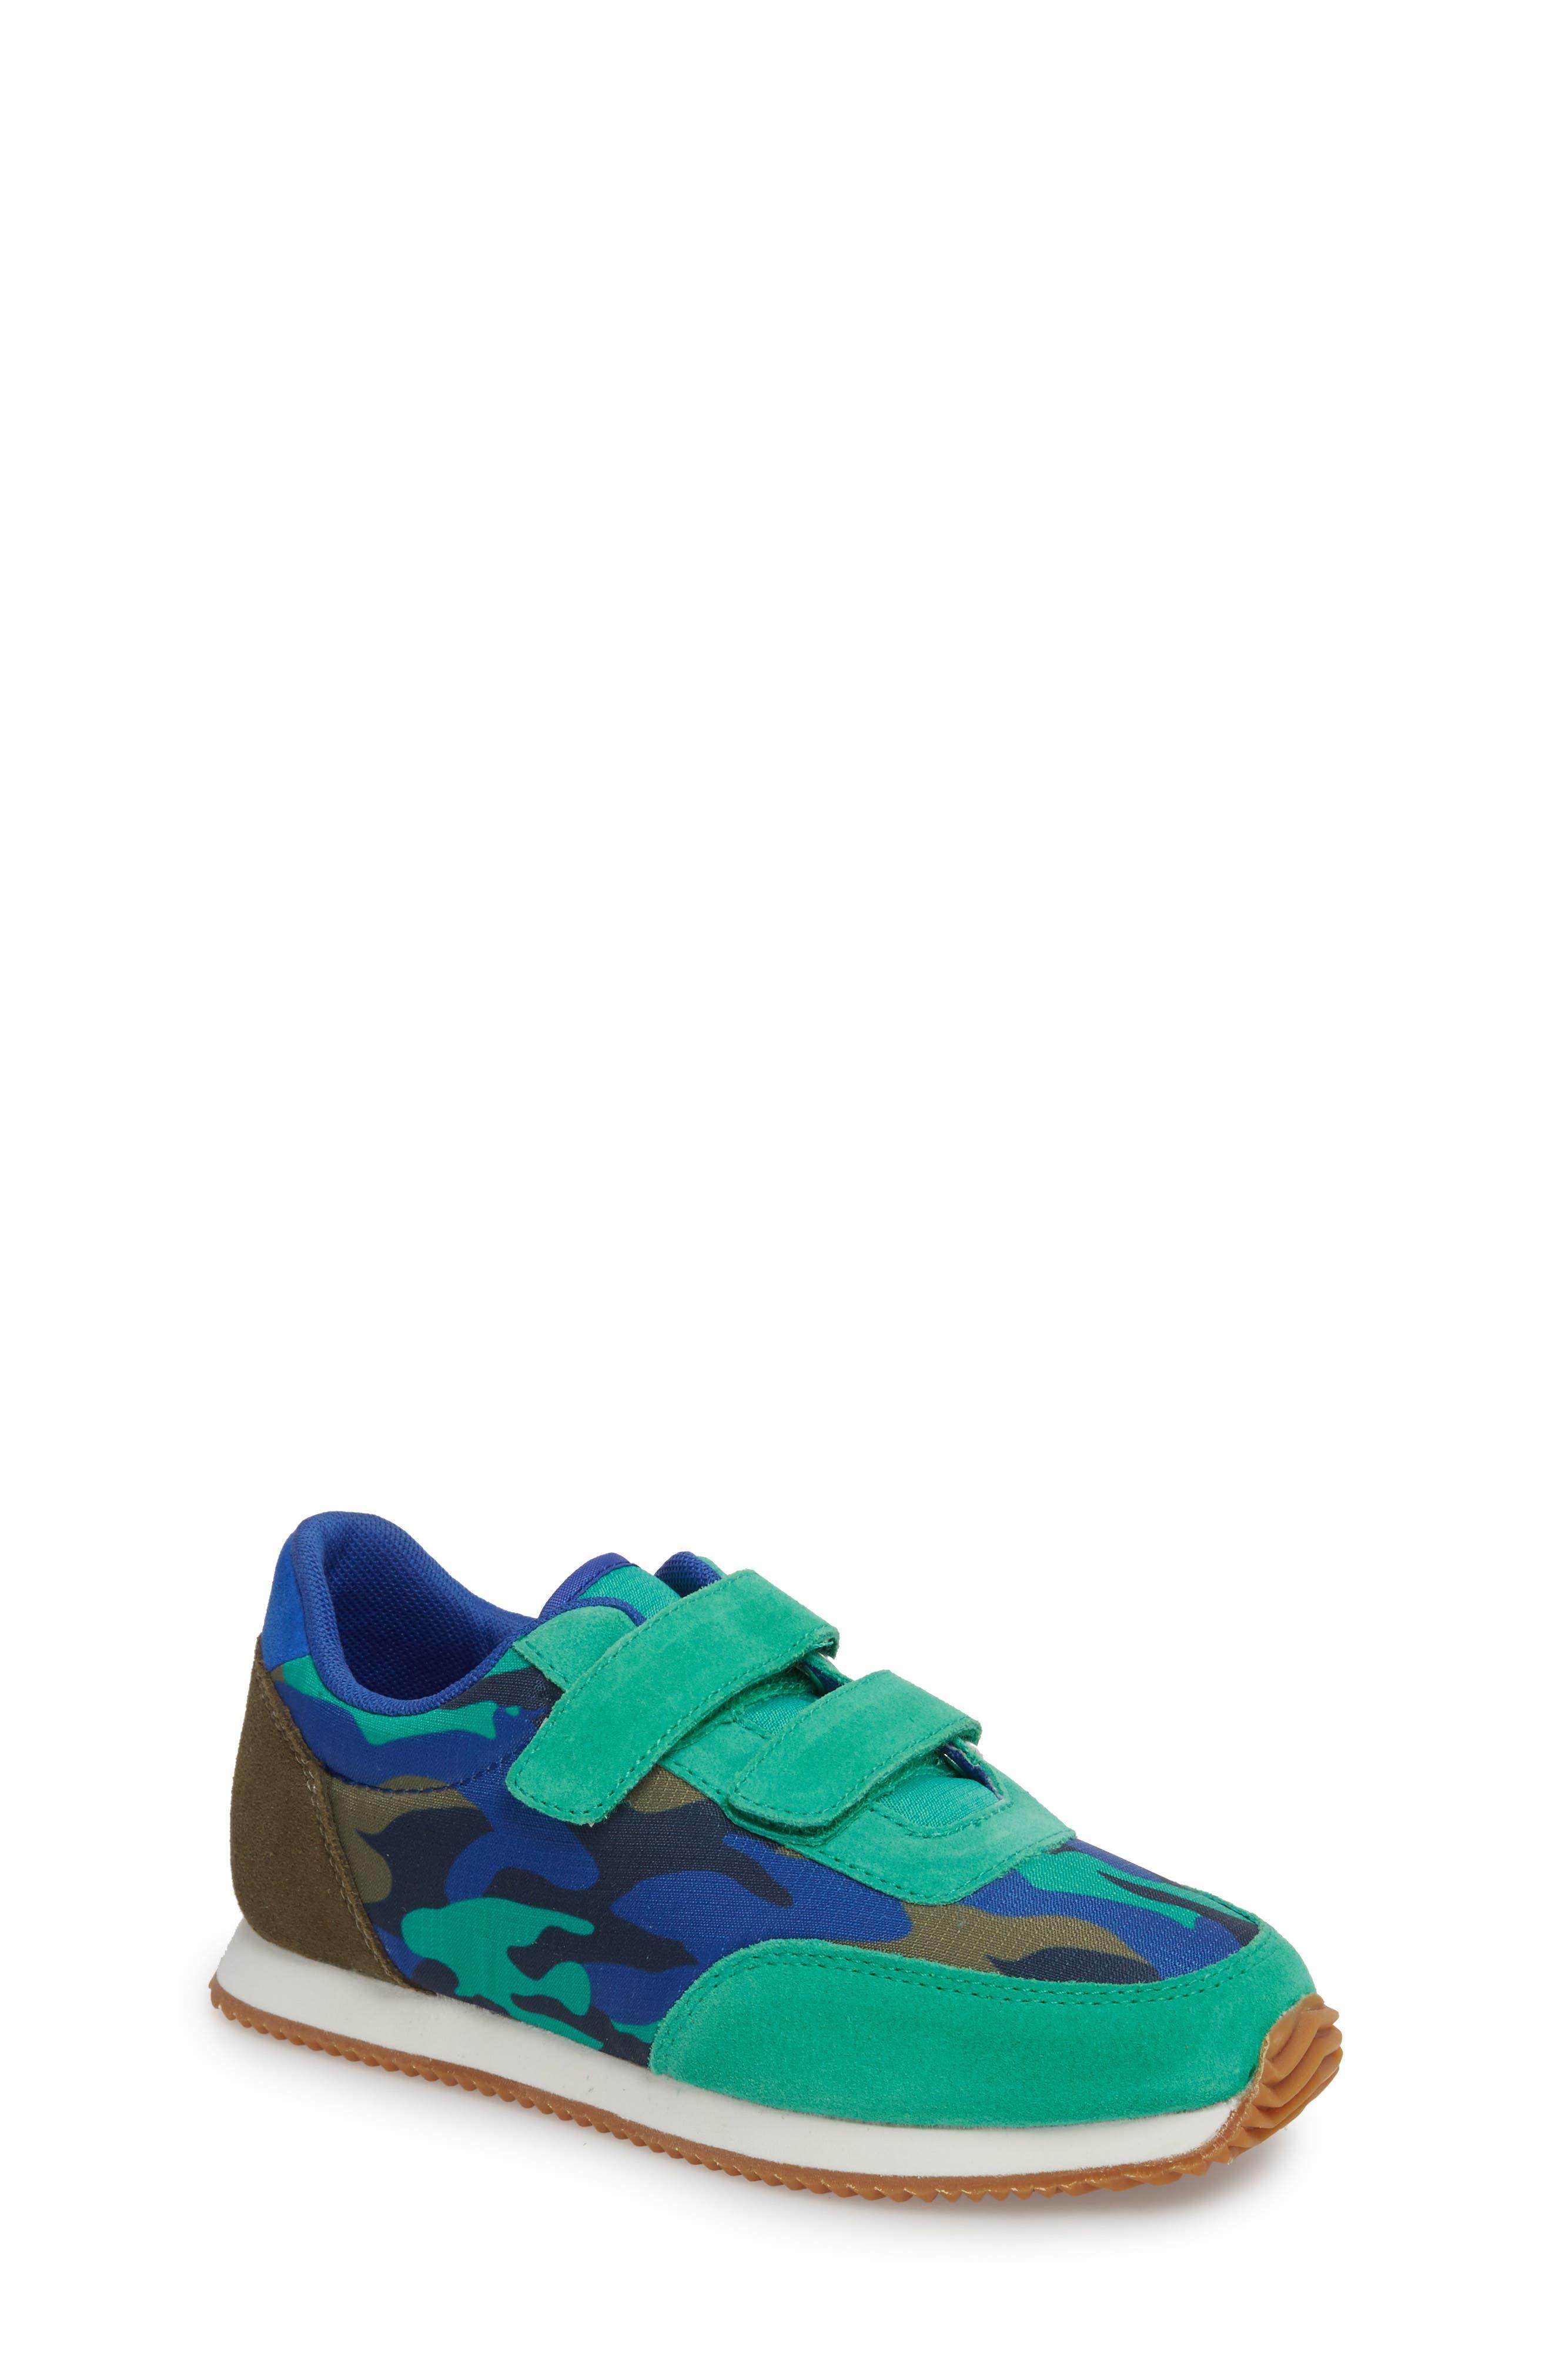 Print Sneakers,                         Main,                         color, 315